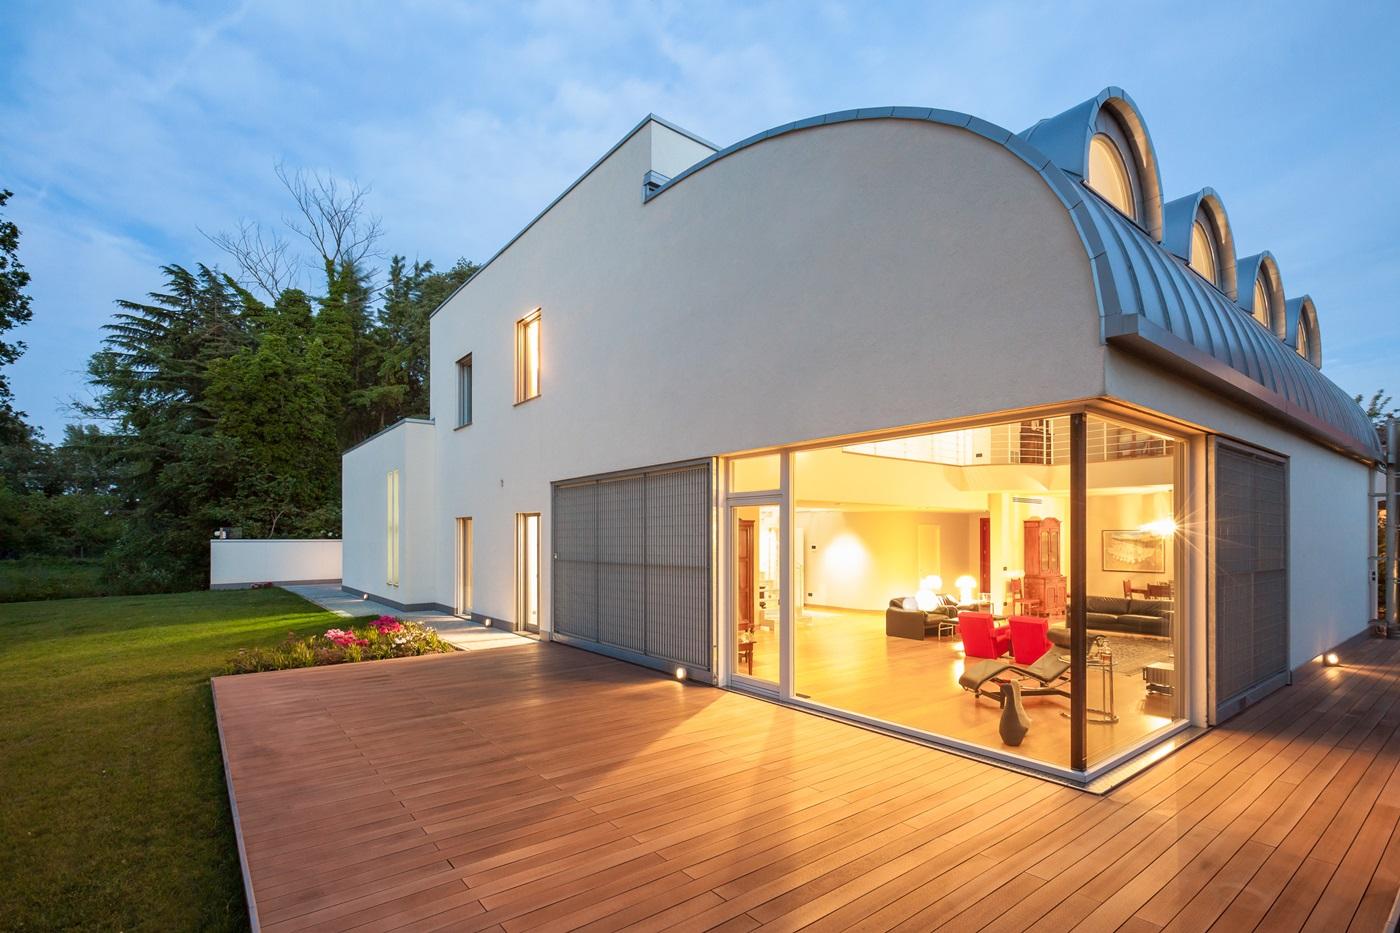 Casa barbieri il legno come soluzione casa naturale - Soluzione umidita casa ...